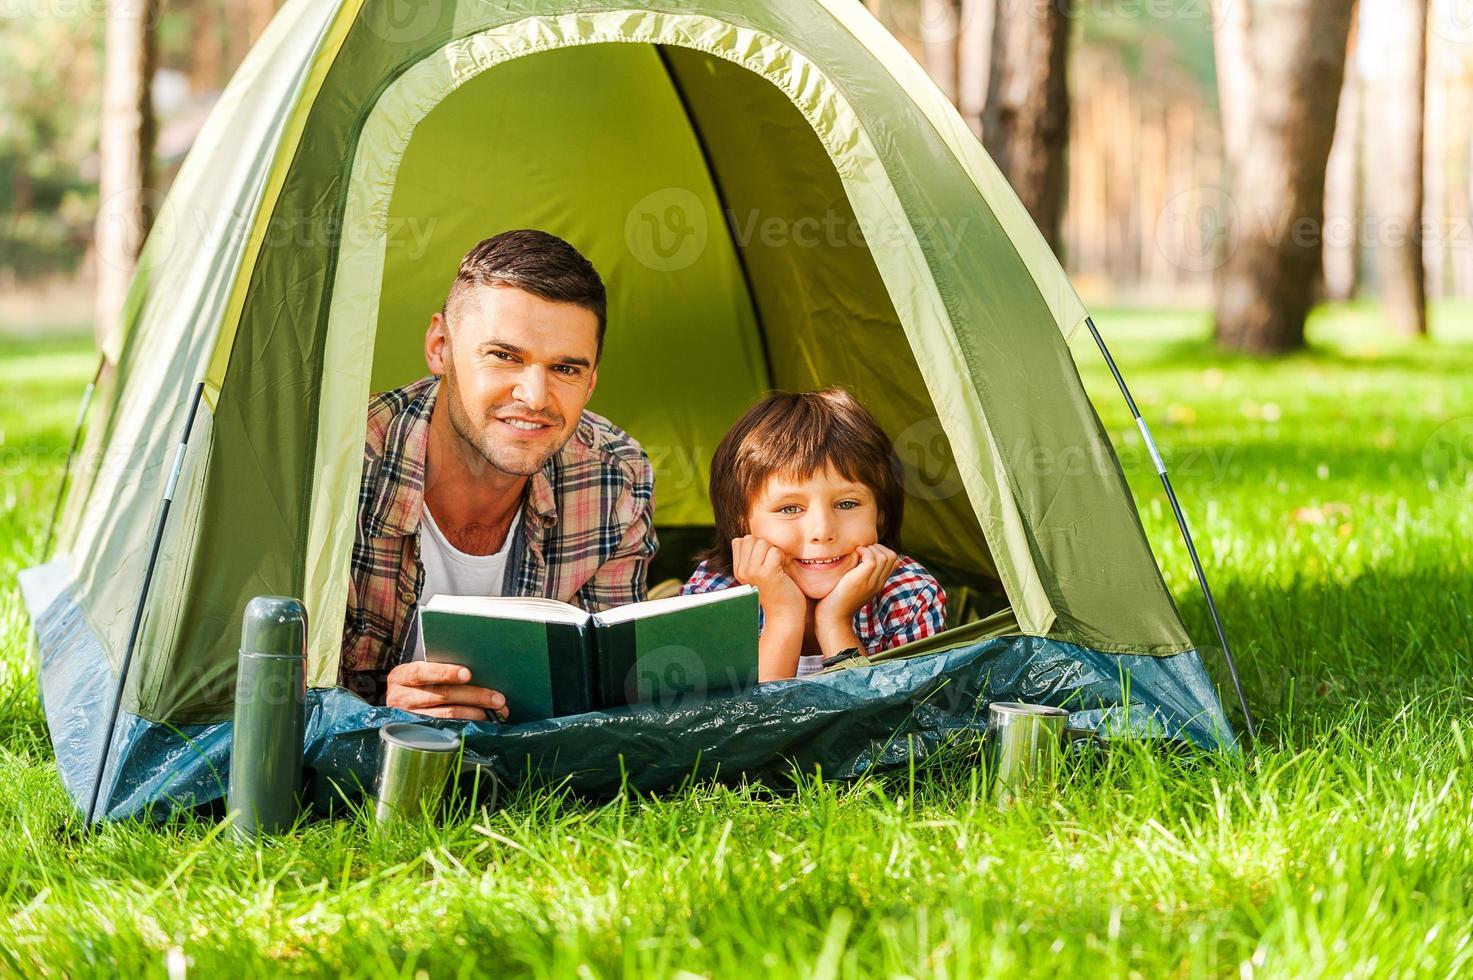 samen kamperen is leuk. foto